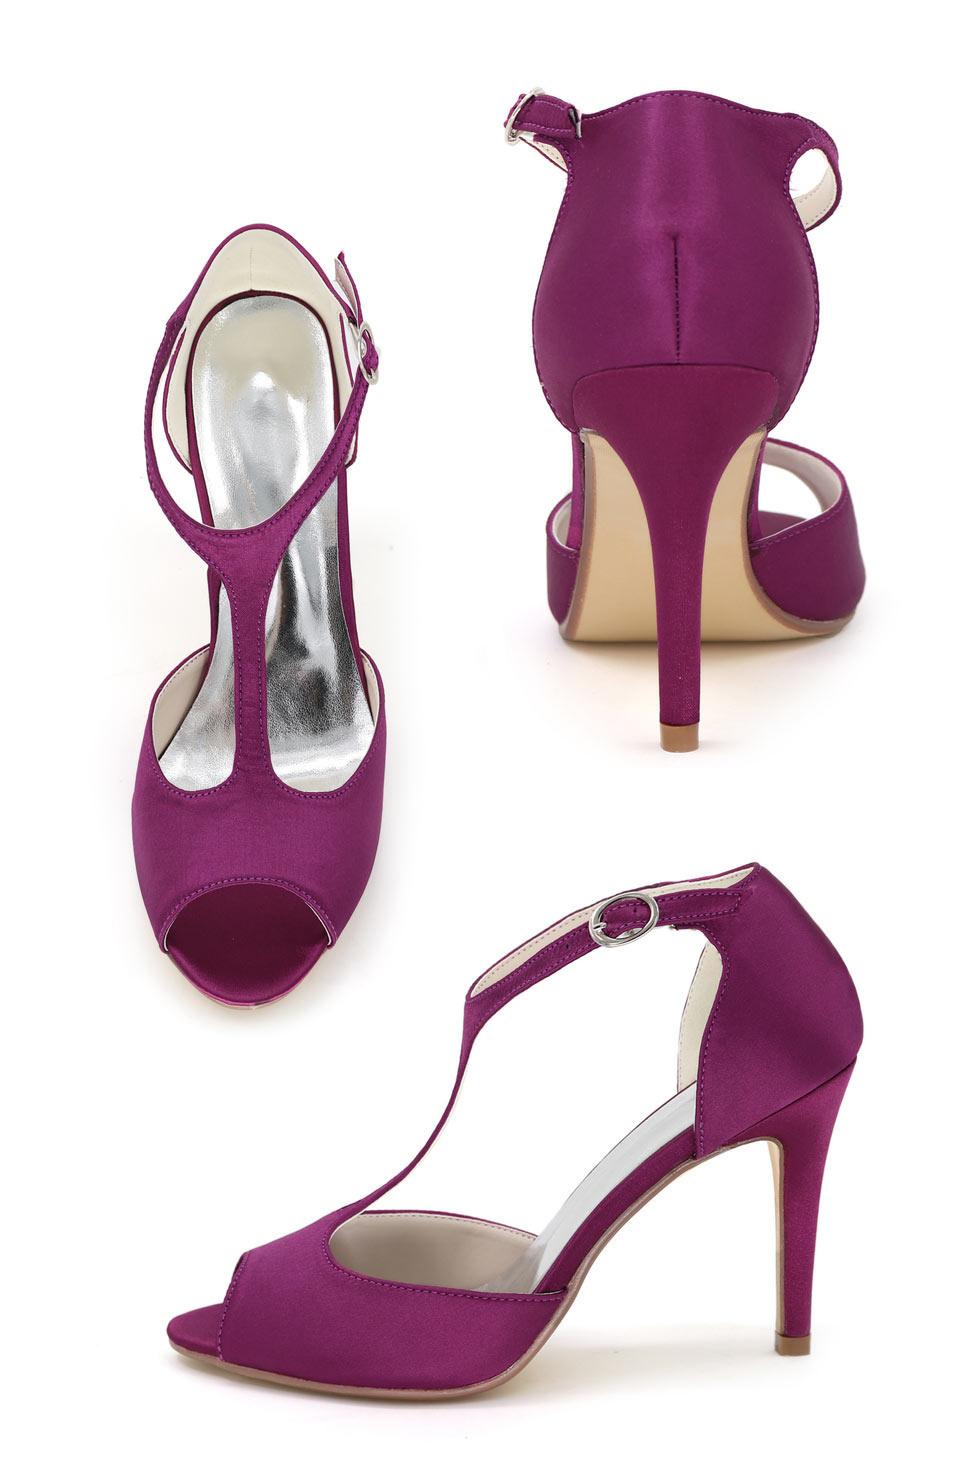 sandales simple style salomé pour aller à un mariage